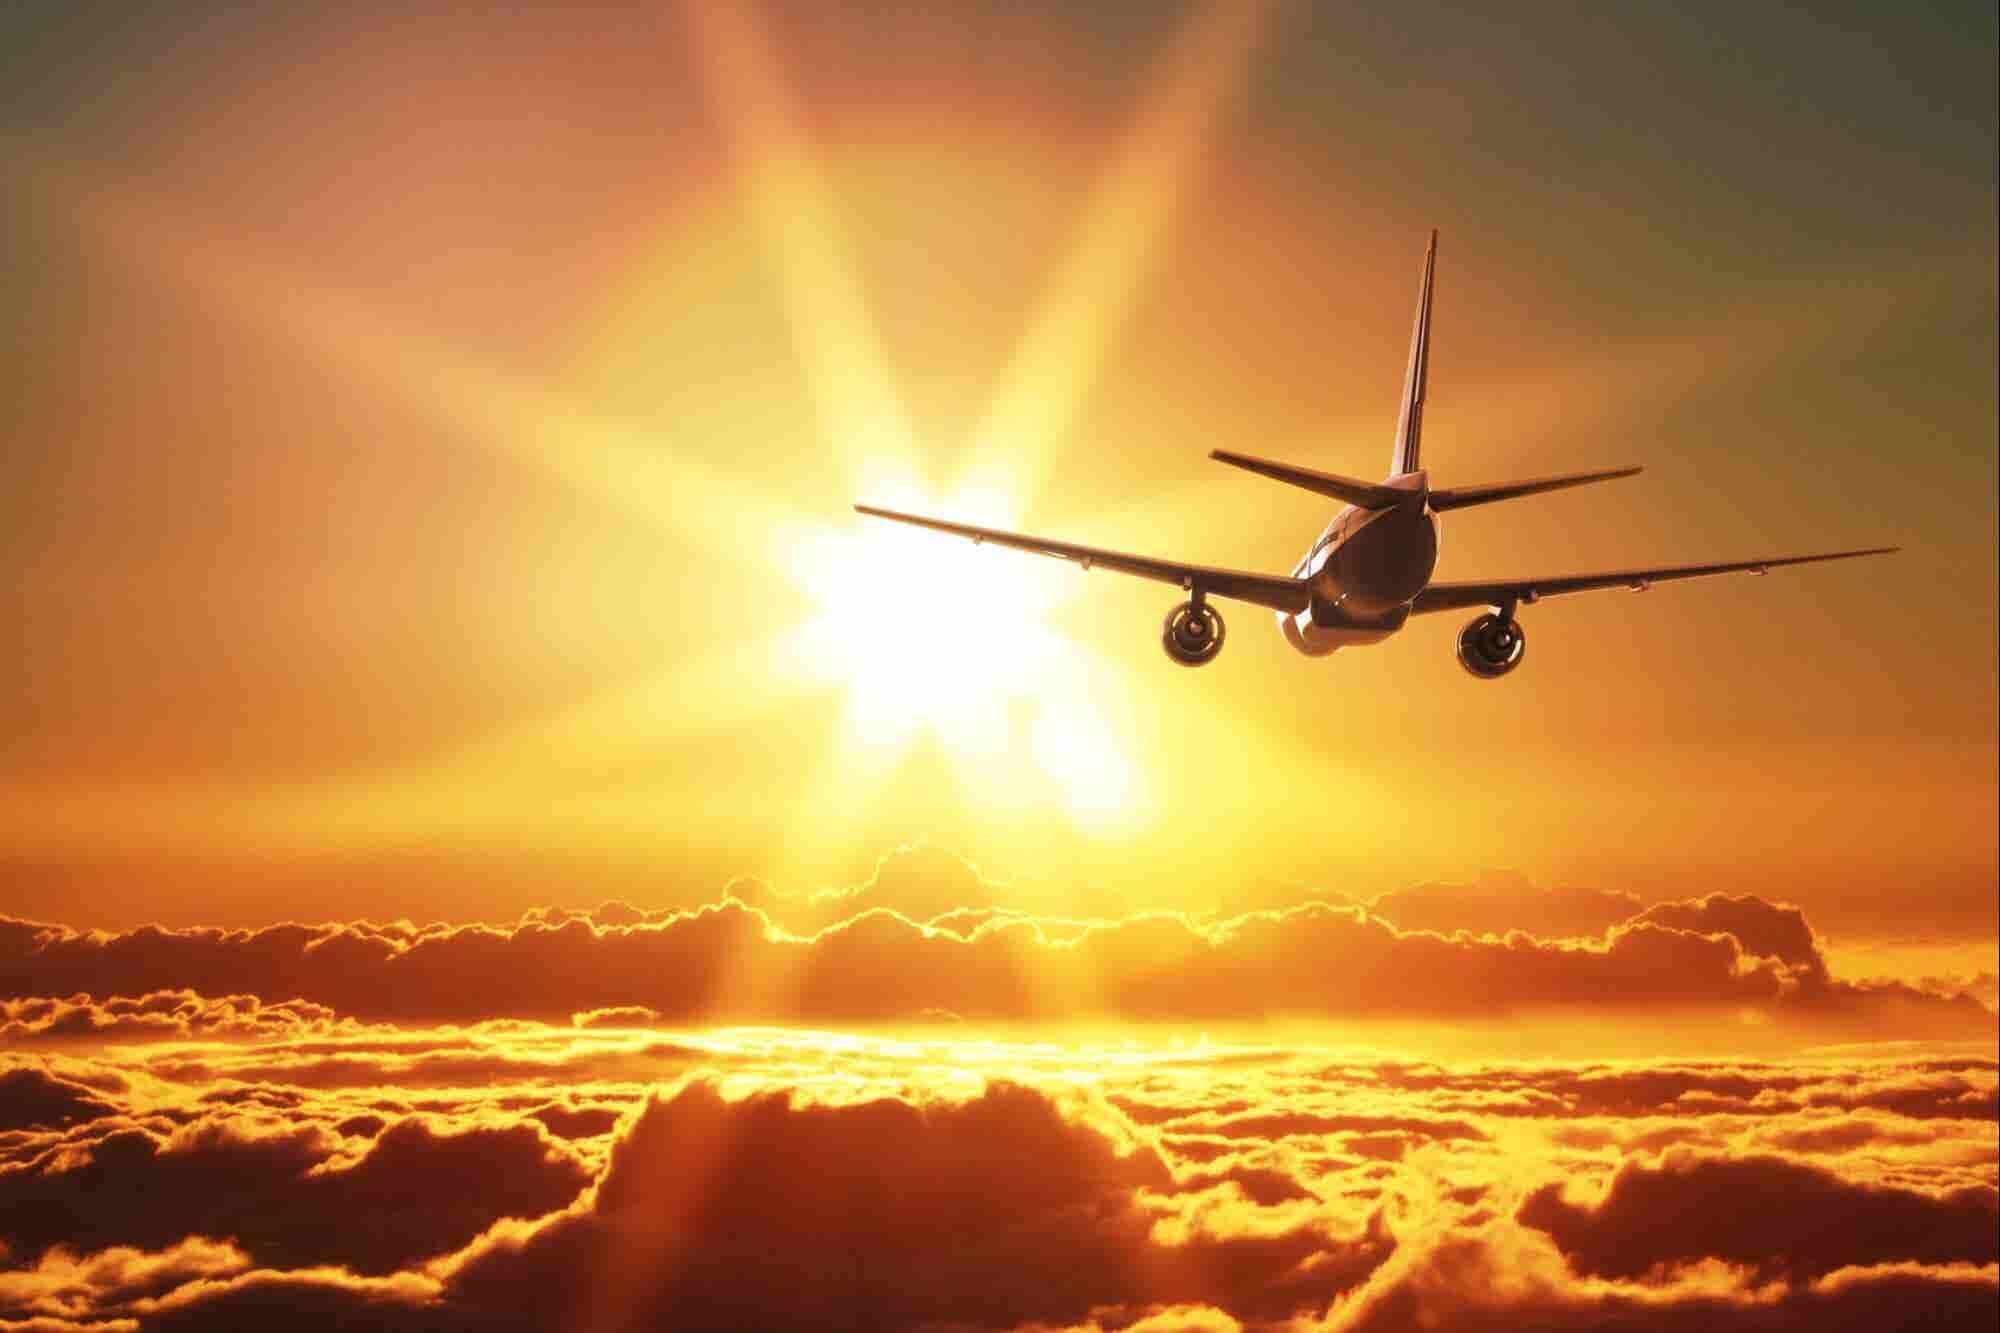 Cómo llegar a la meta en vuelo directo